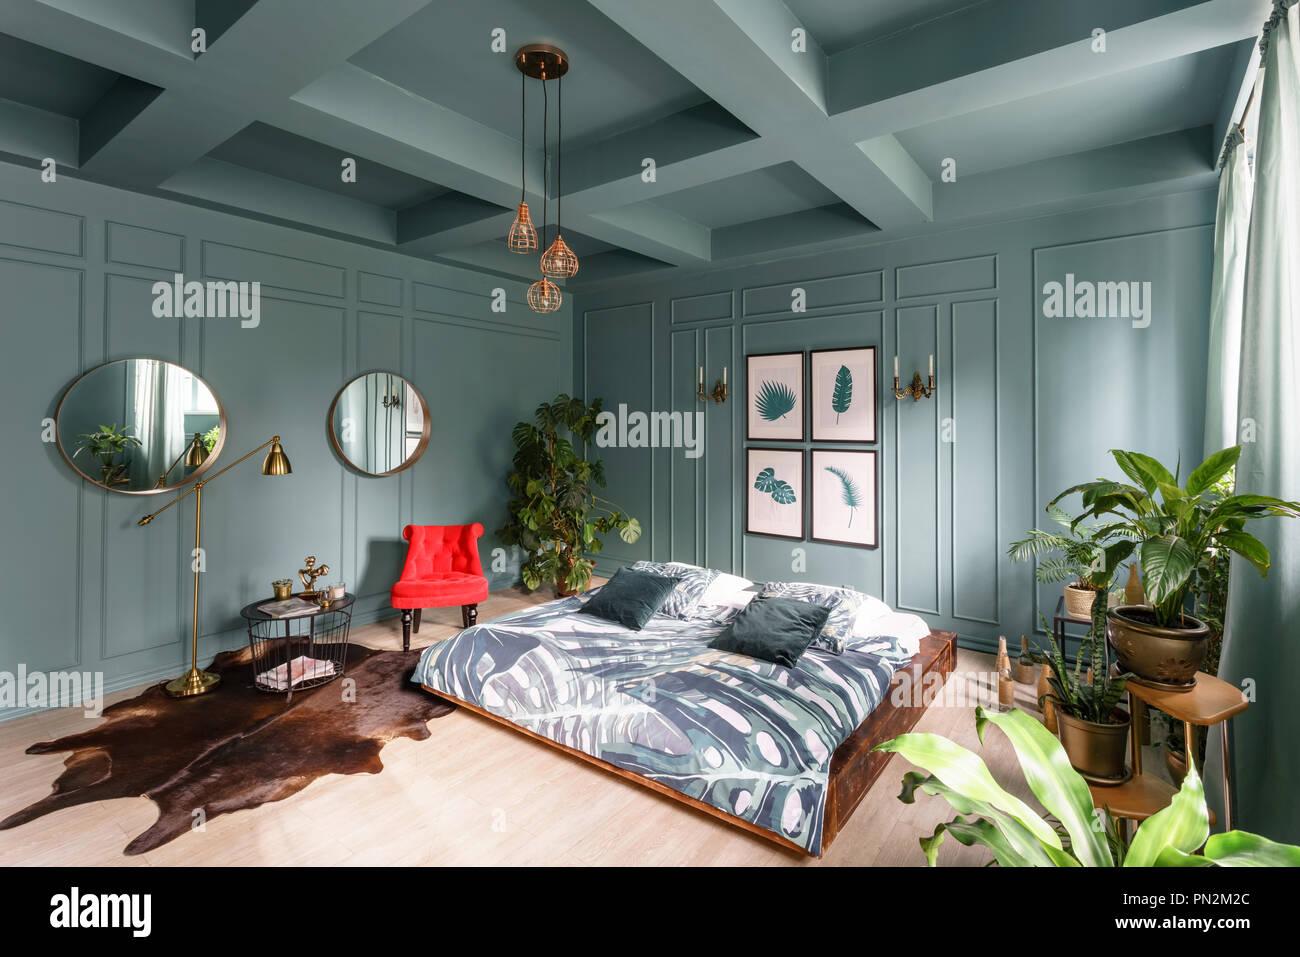 Mattina interno camera da letto in hotel. Luminoso e pulito il ...